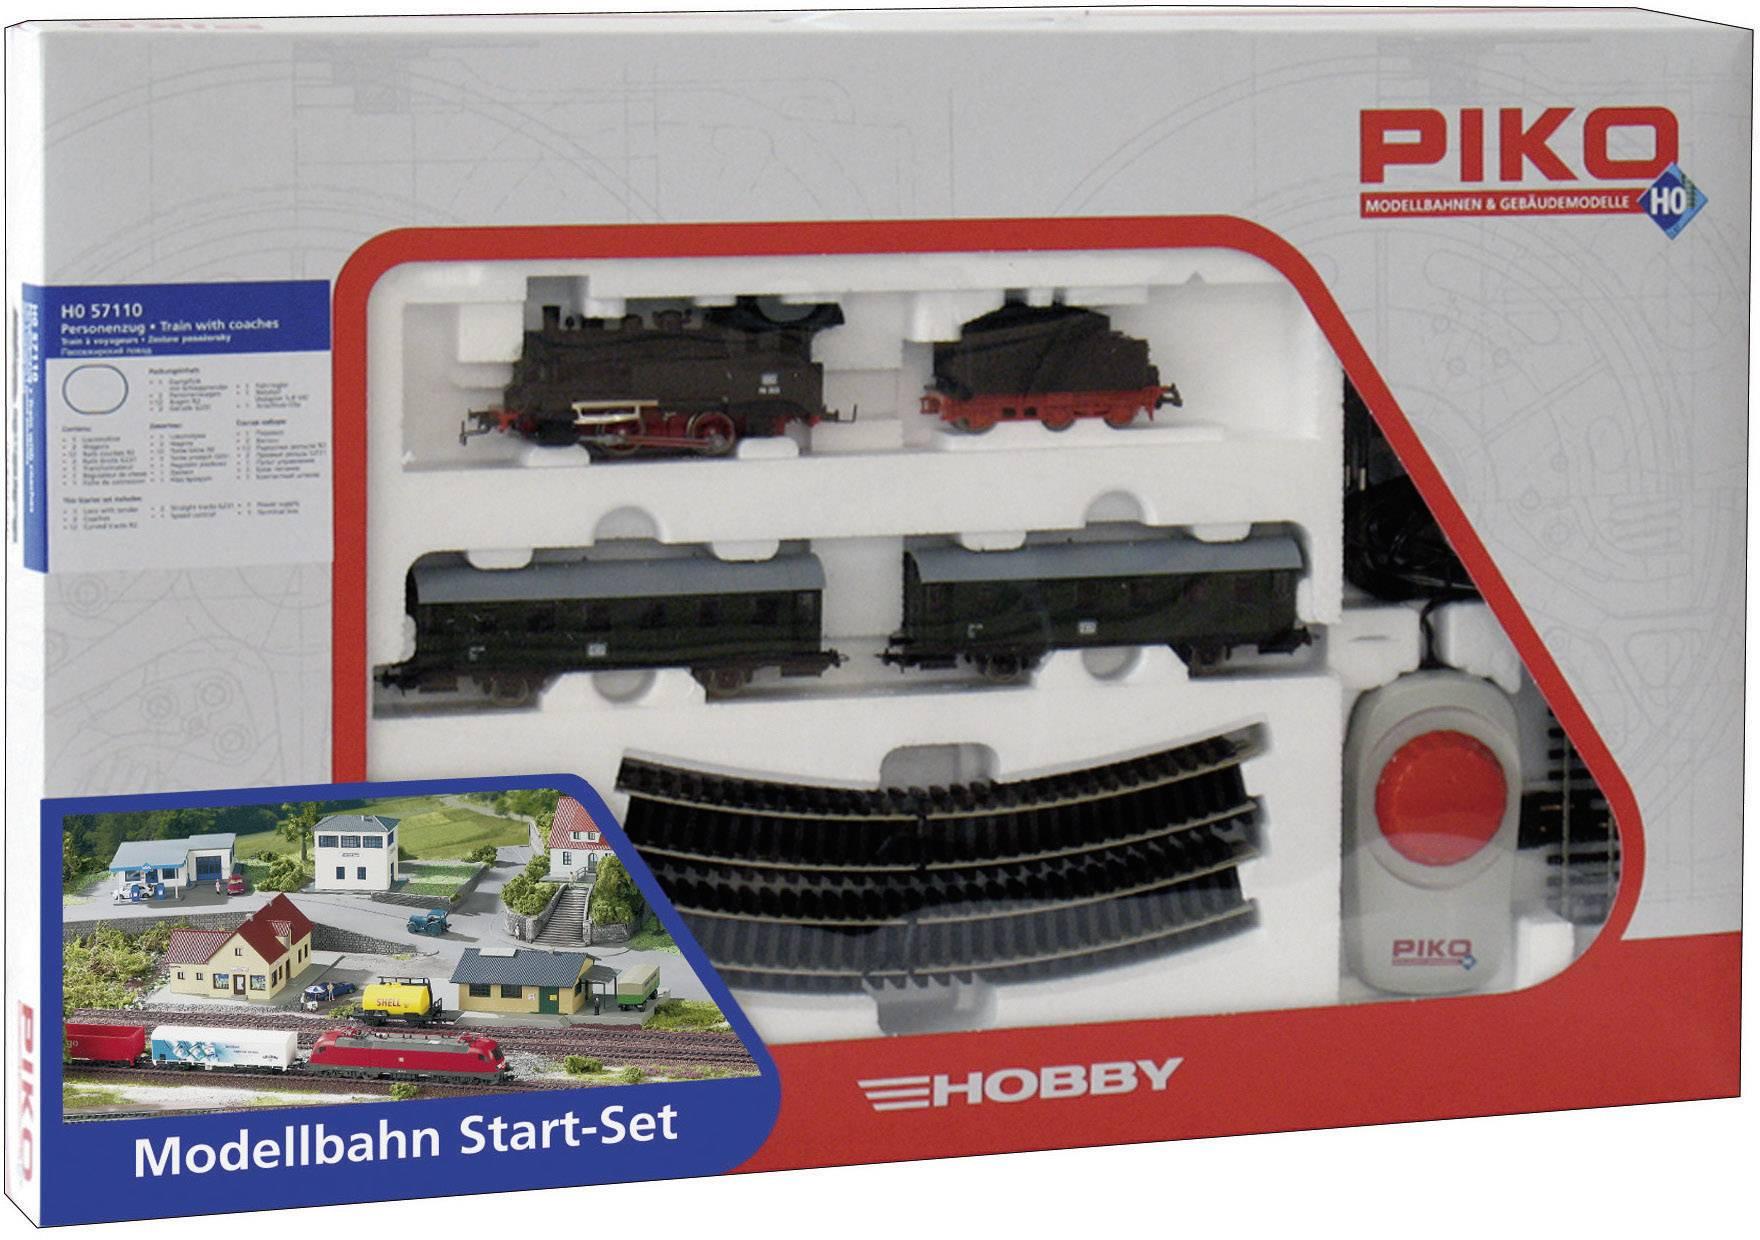 Startovací sada H0 osobního vlaku a parní lokomotivy Piko57110